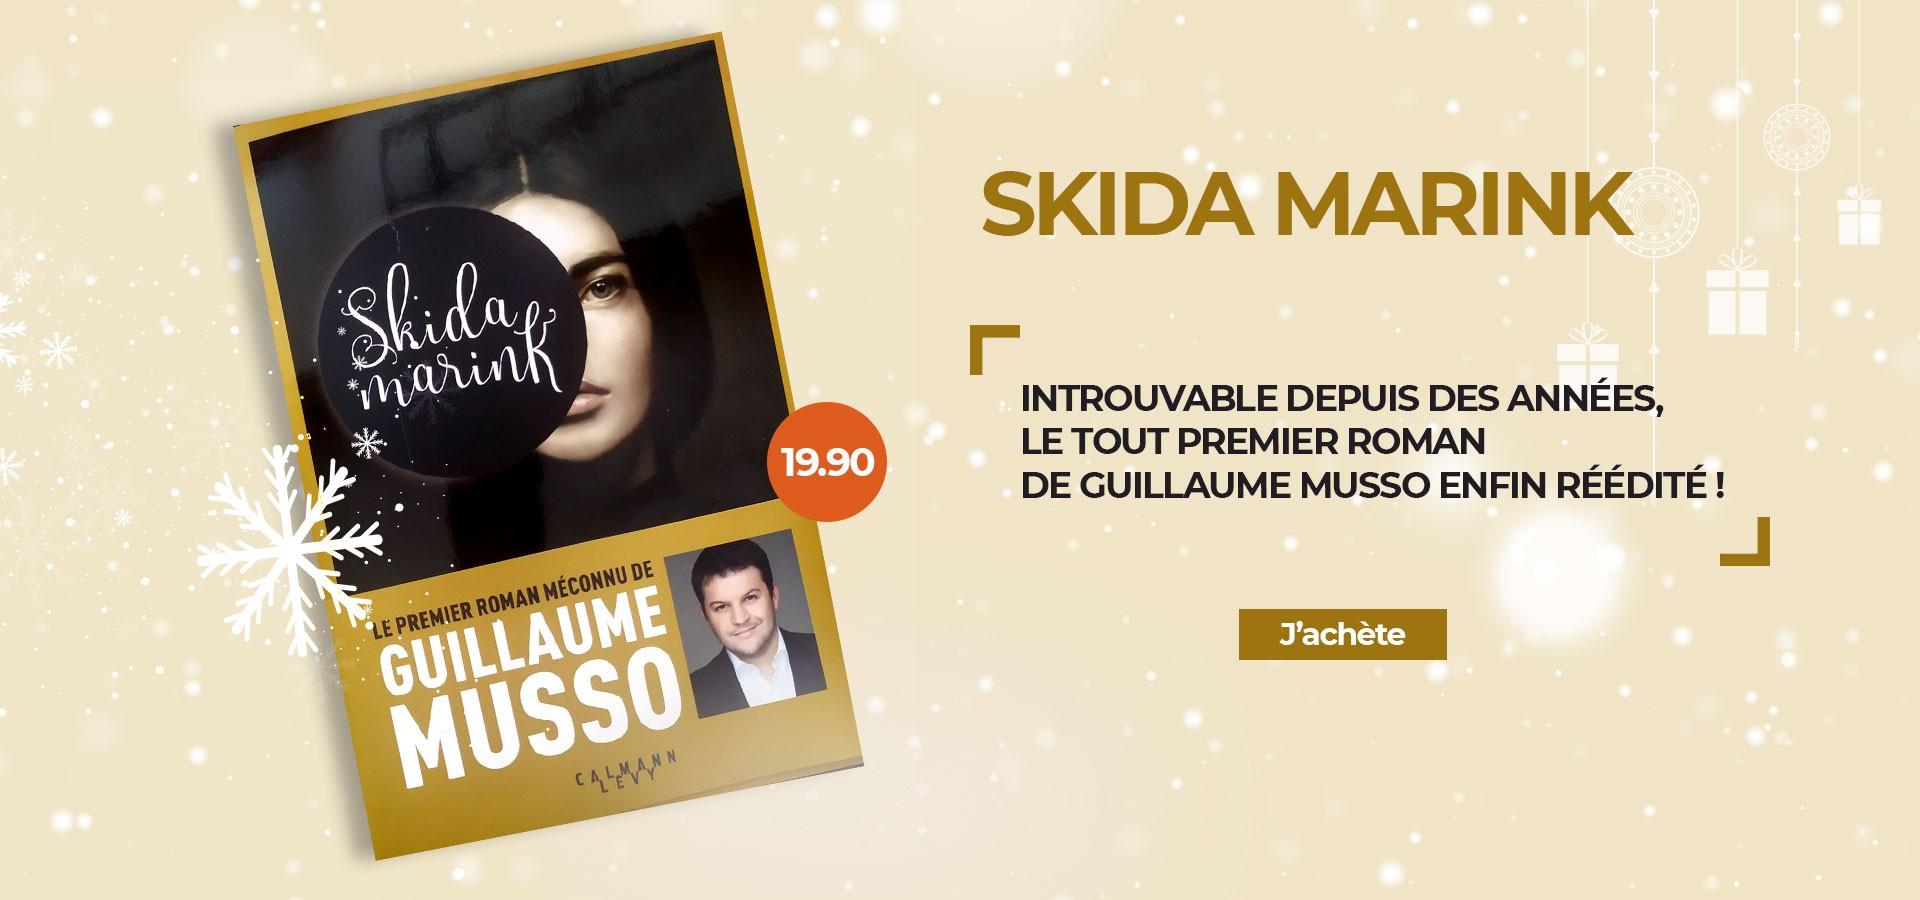 Skida Marink - Guillaume Musso vendu par la cocothèque